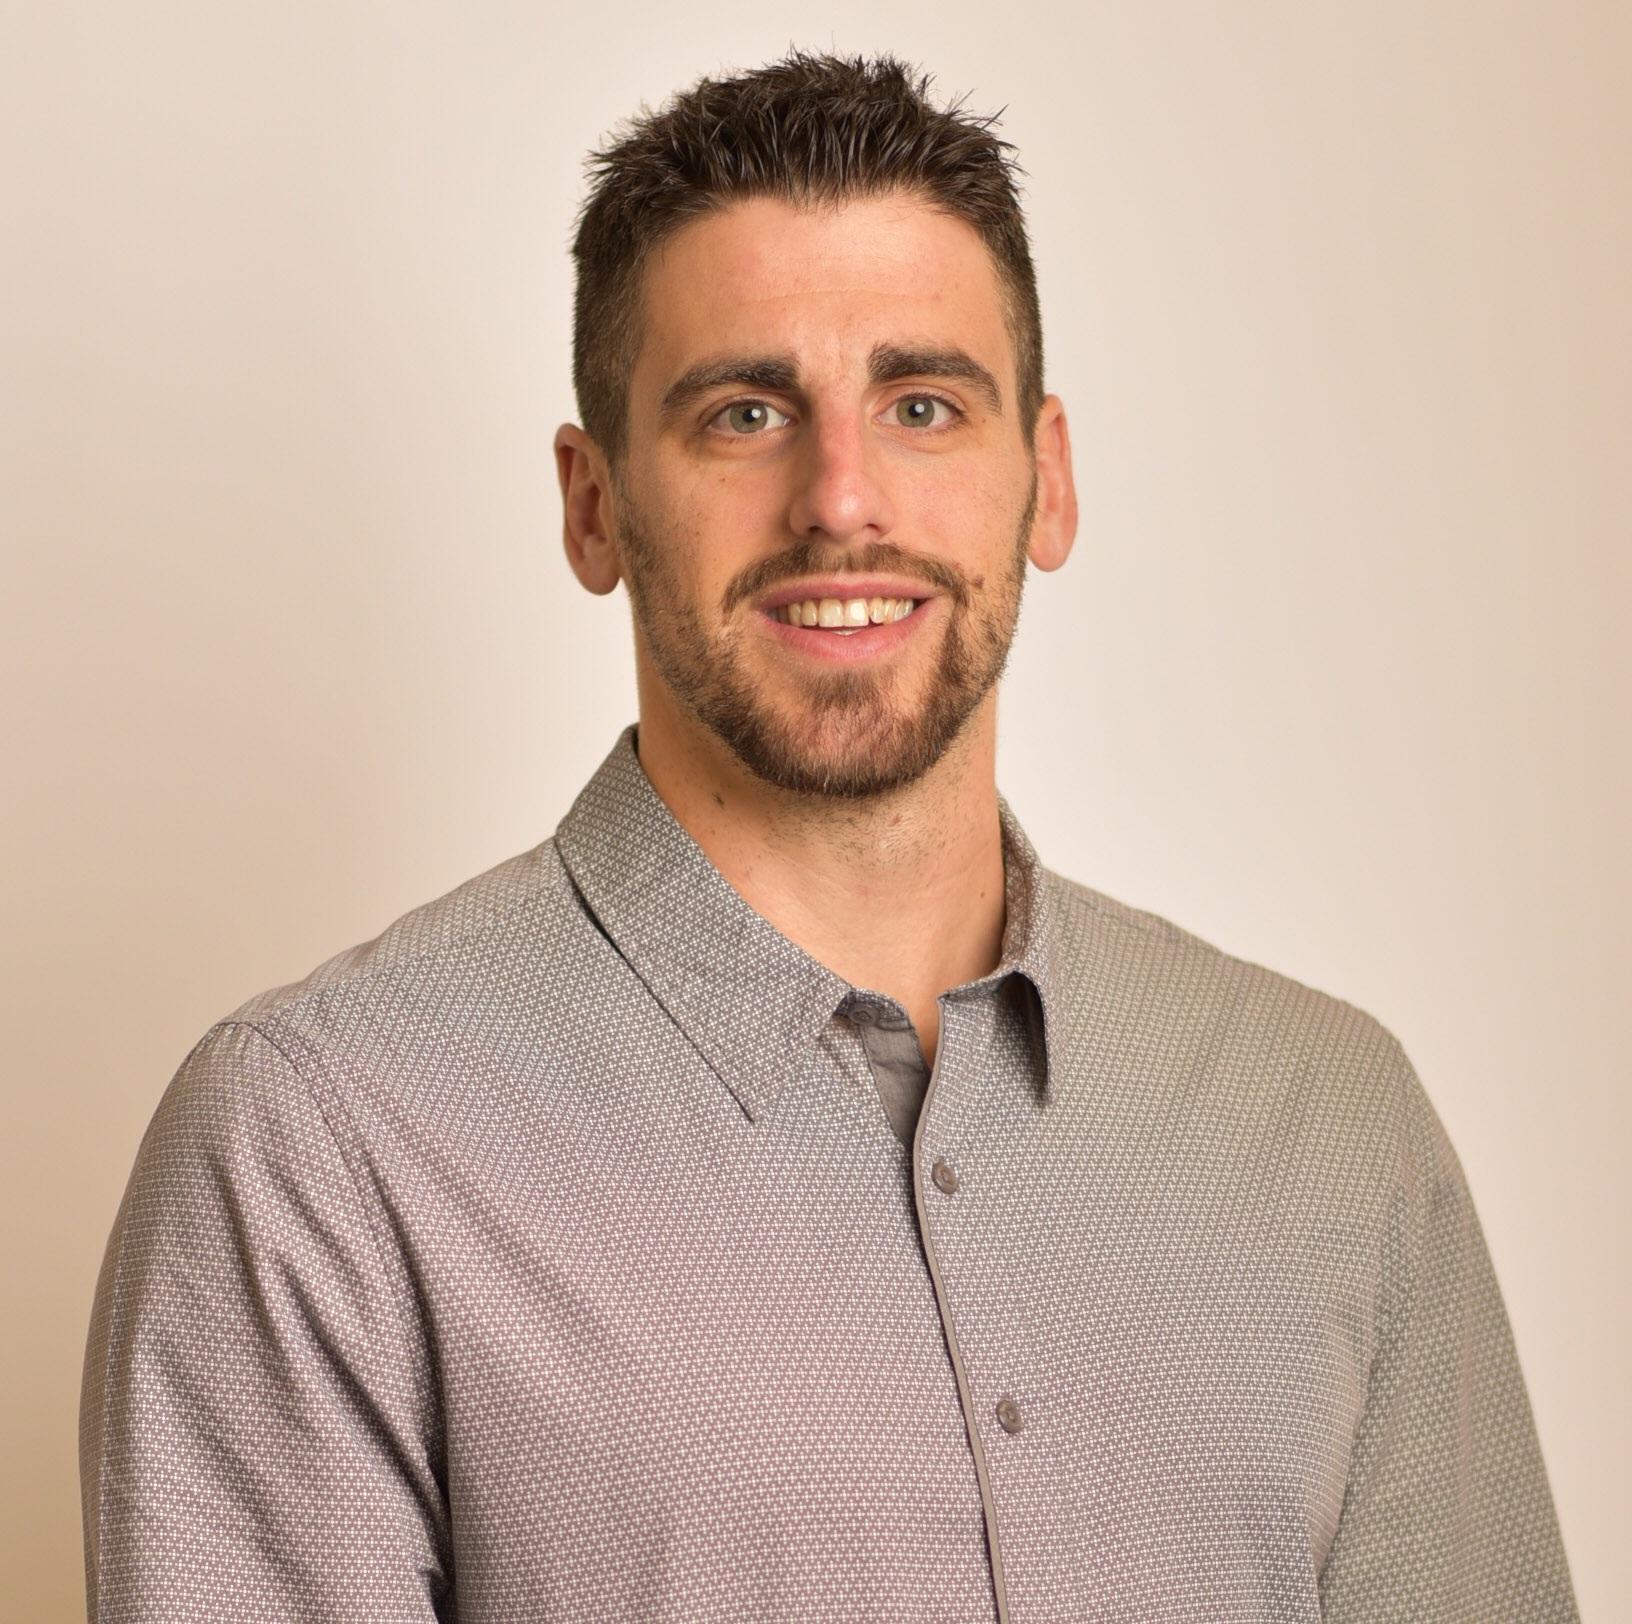 Corey Sanz